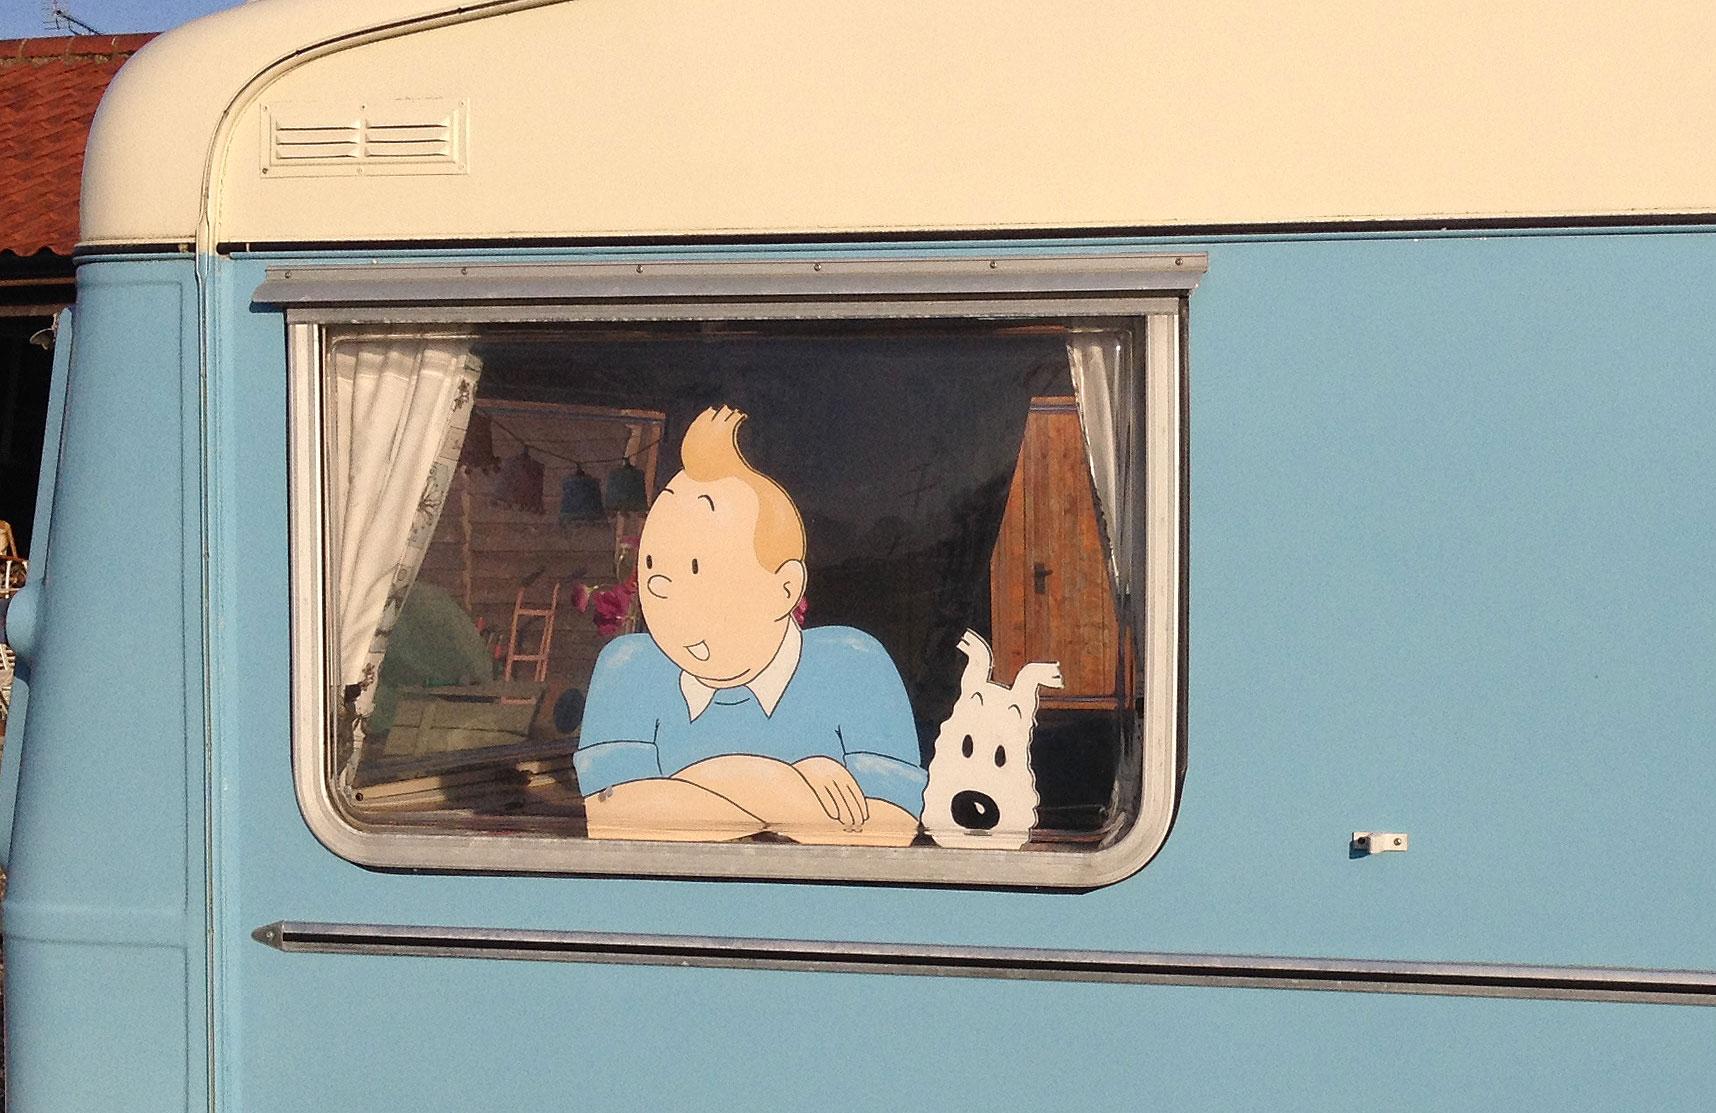 Tintin inside caravan